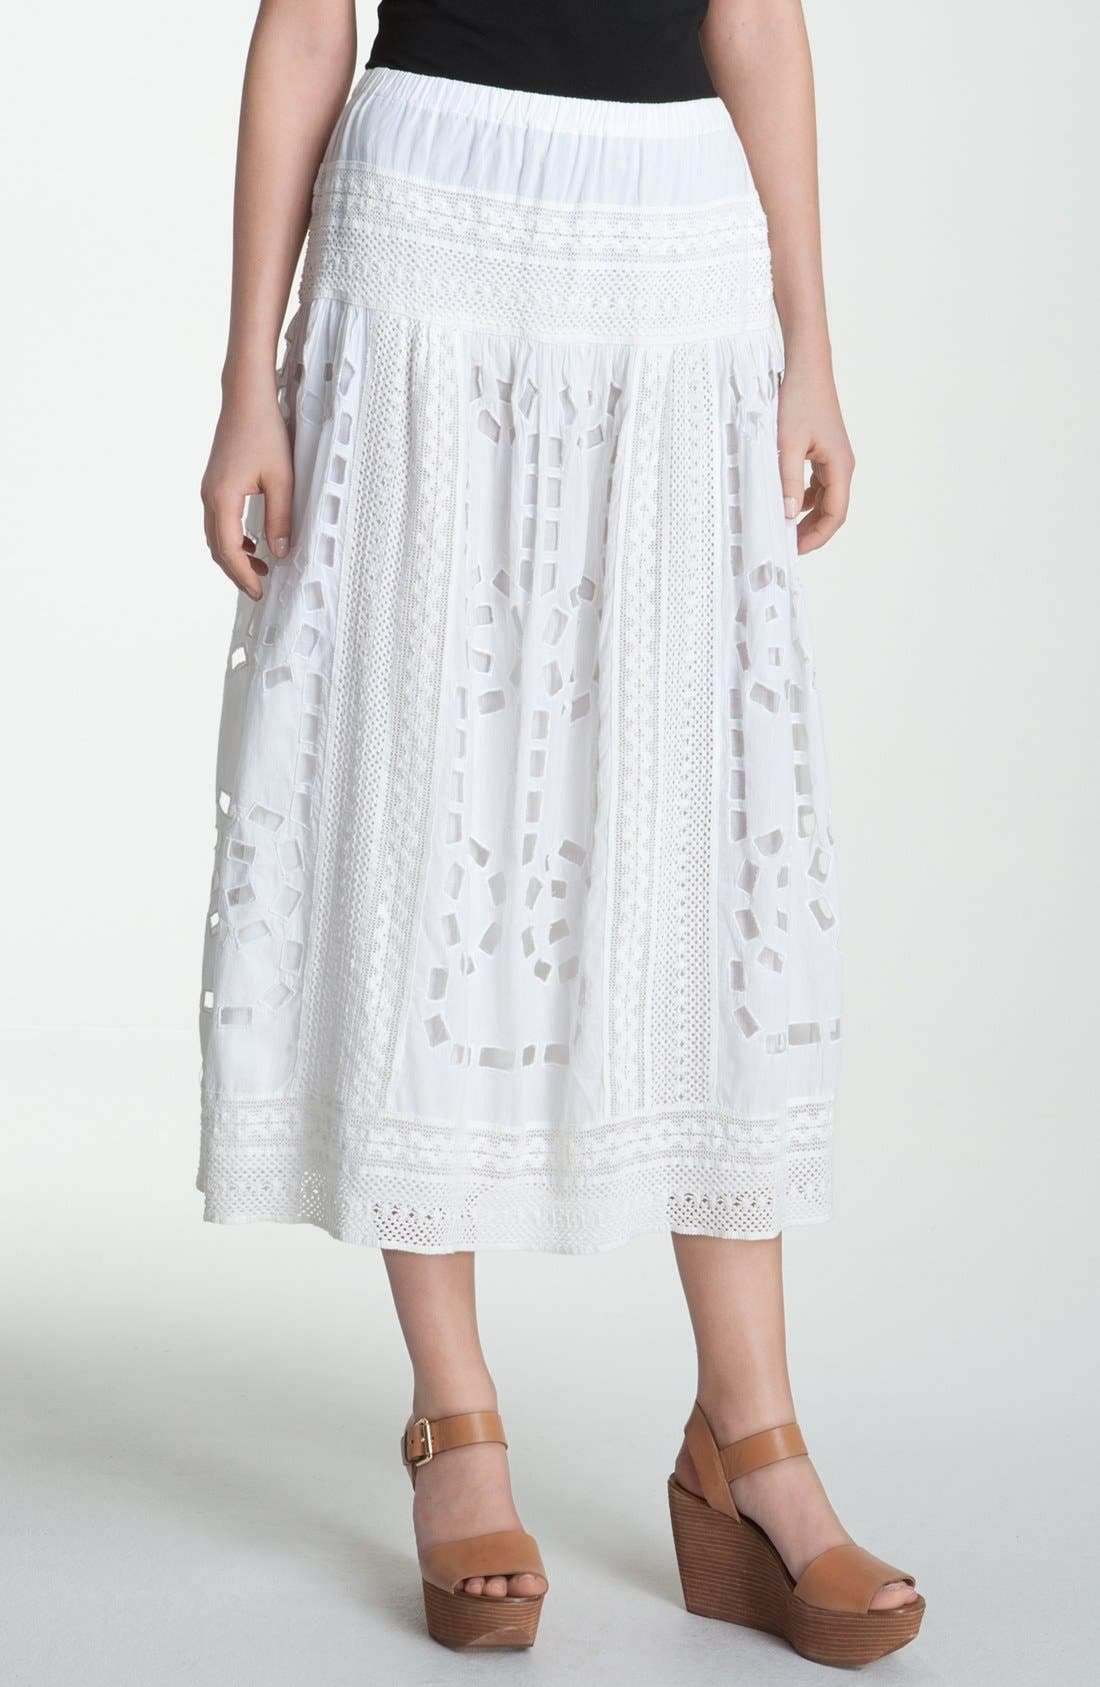 Alternate Image 1 Selected - MICHAEL Michael Kors Crochet & Eyelet Skirt